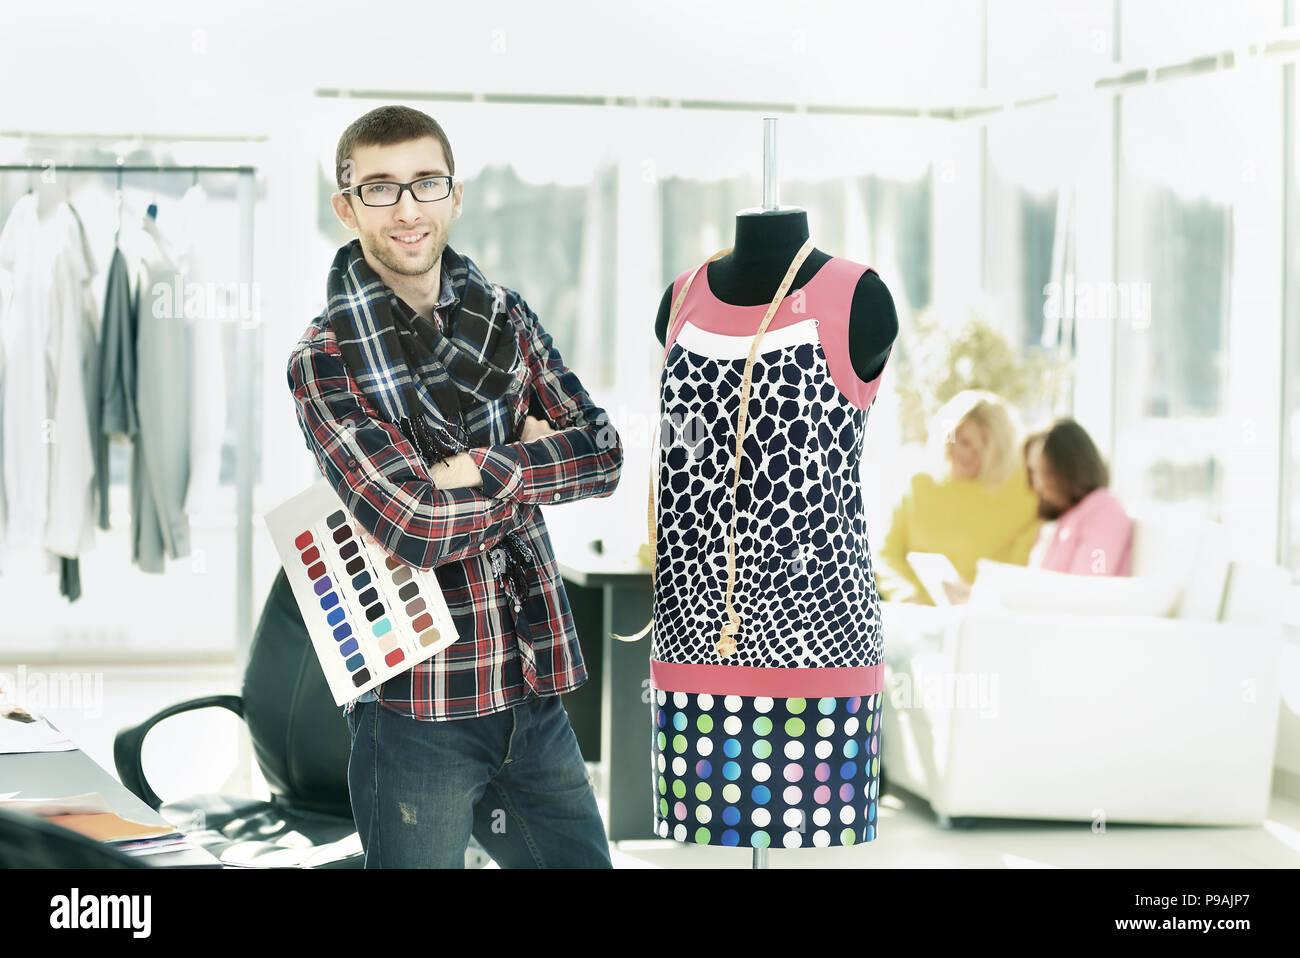 La moderna progettazione consente di selezionare i colori per la nuova collezione di abbigliamento Immagini Stock